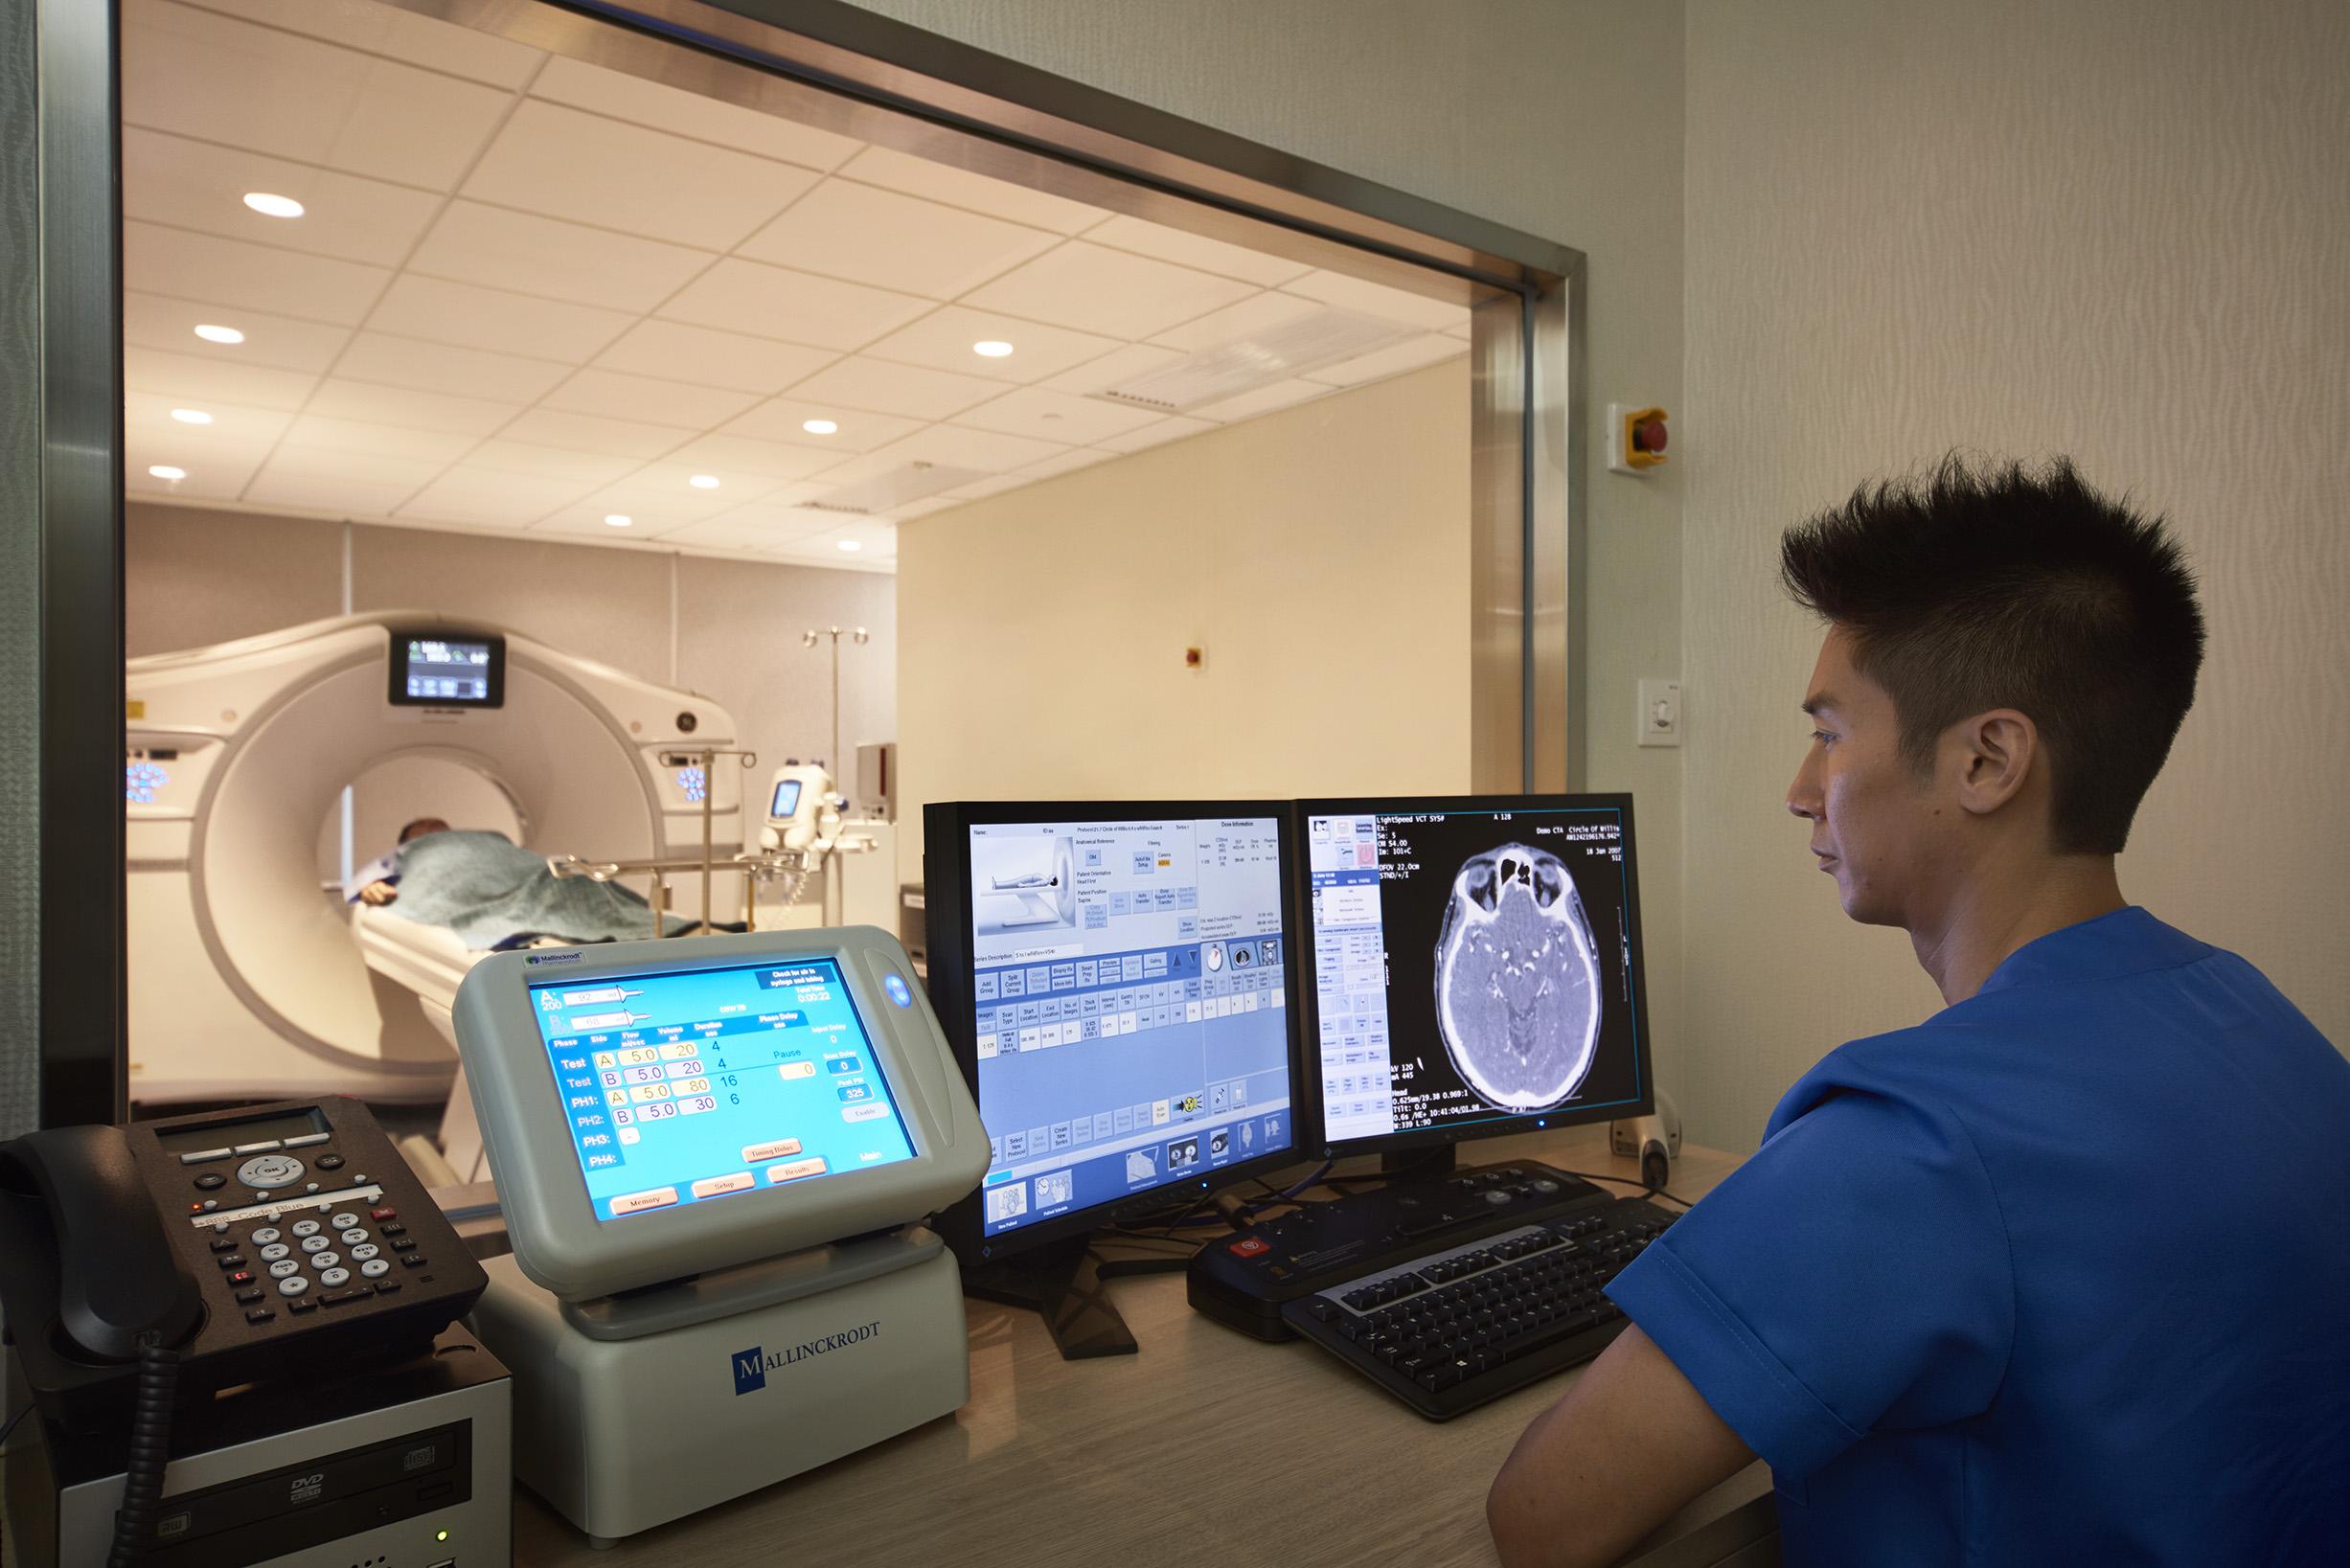 香港綜合影像診斷中心提供多元化的醫療檢測服務,當中包括電腦斷層掃描(CT)。